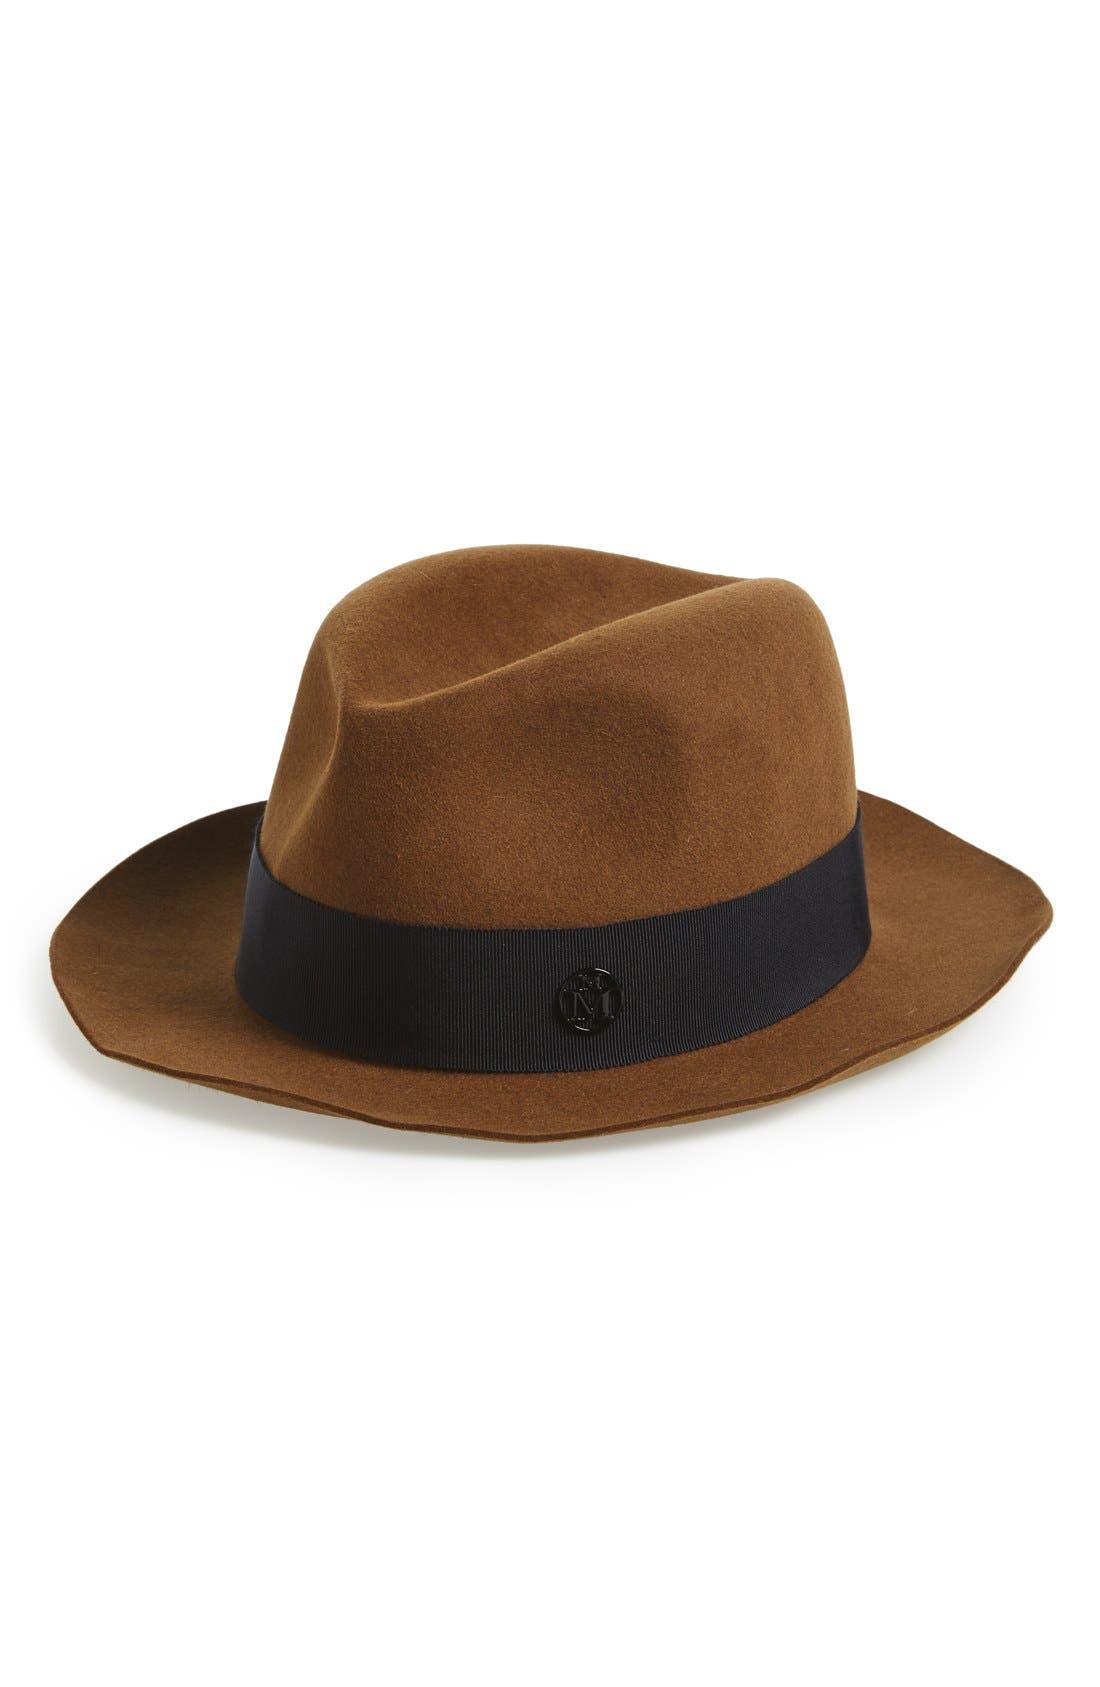 Maison Michel Joseph Fur Felt Hat